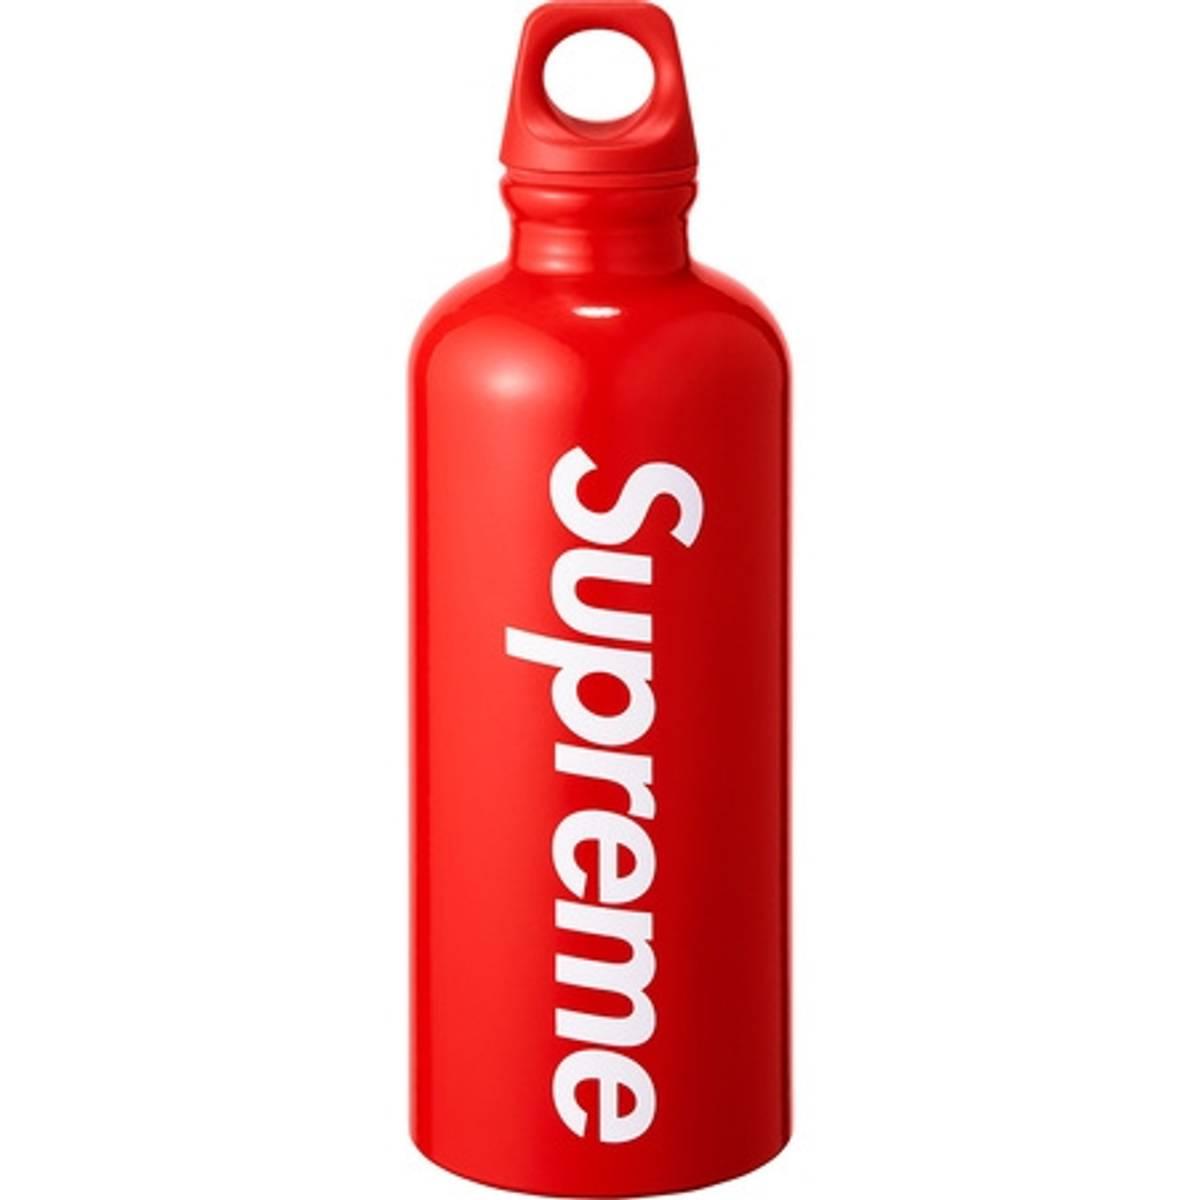 Supreme Supreme®/sigg™ Traveller 0 6l Water Bottle | Grailed